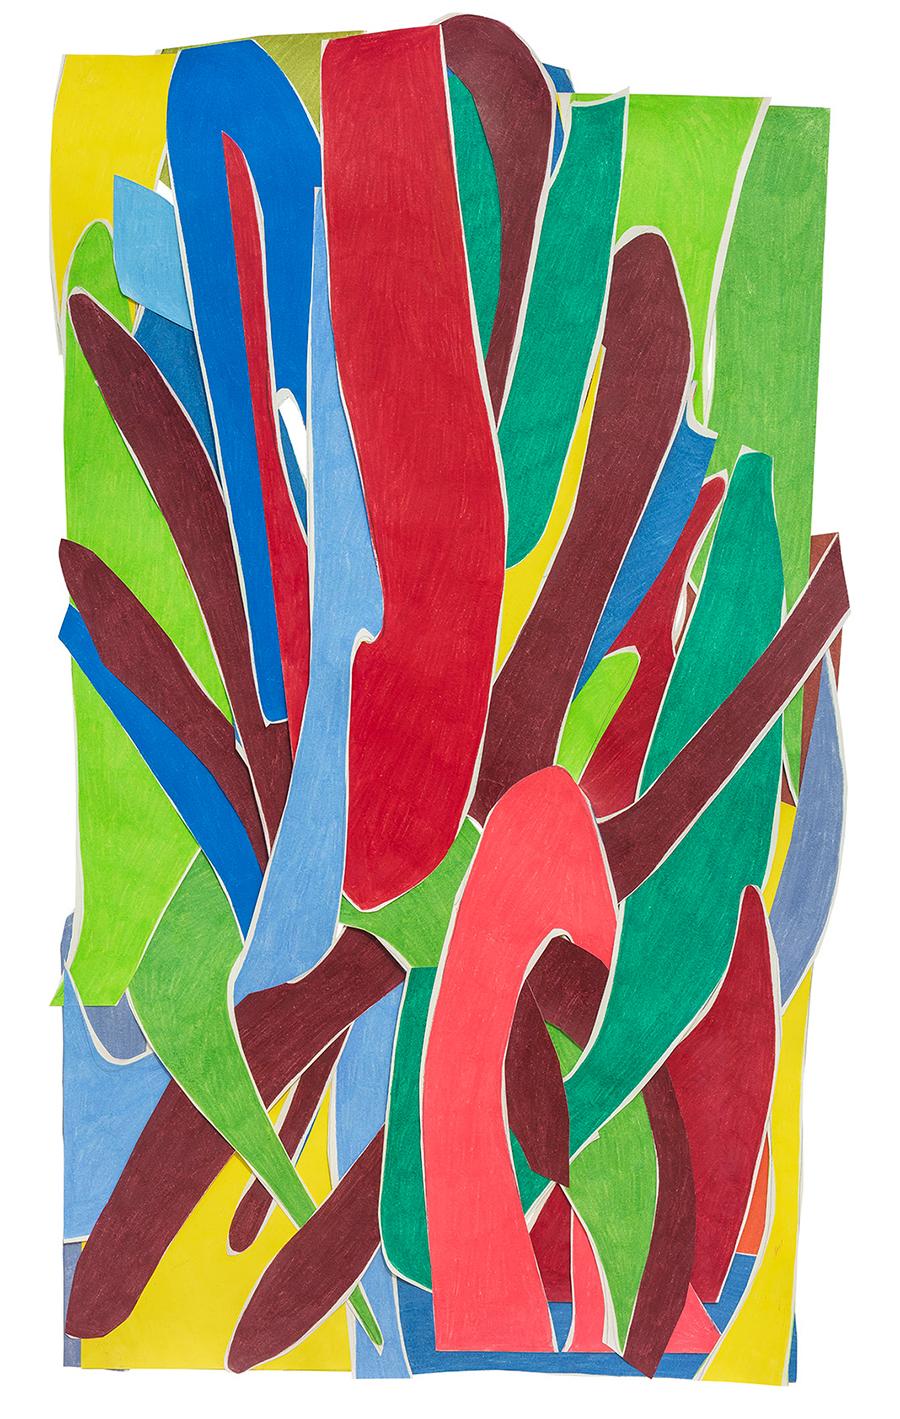 Marcia de Moraes Octopus, 2020 Colagens de papéis, desenhos com grafite e lápis de cor 94 x 56 cm